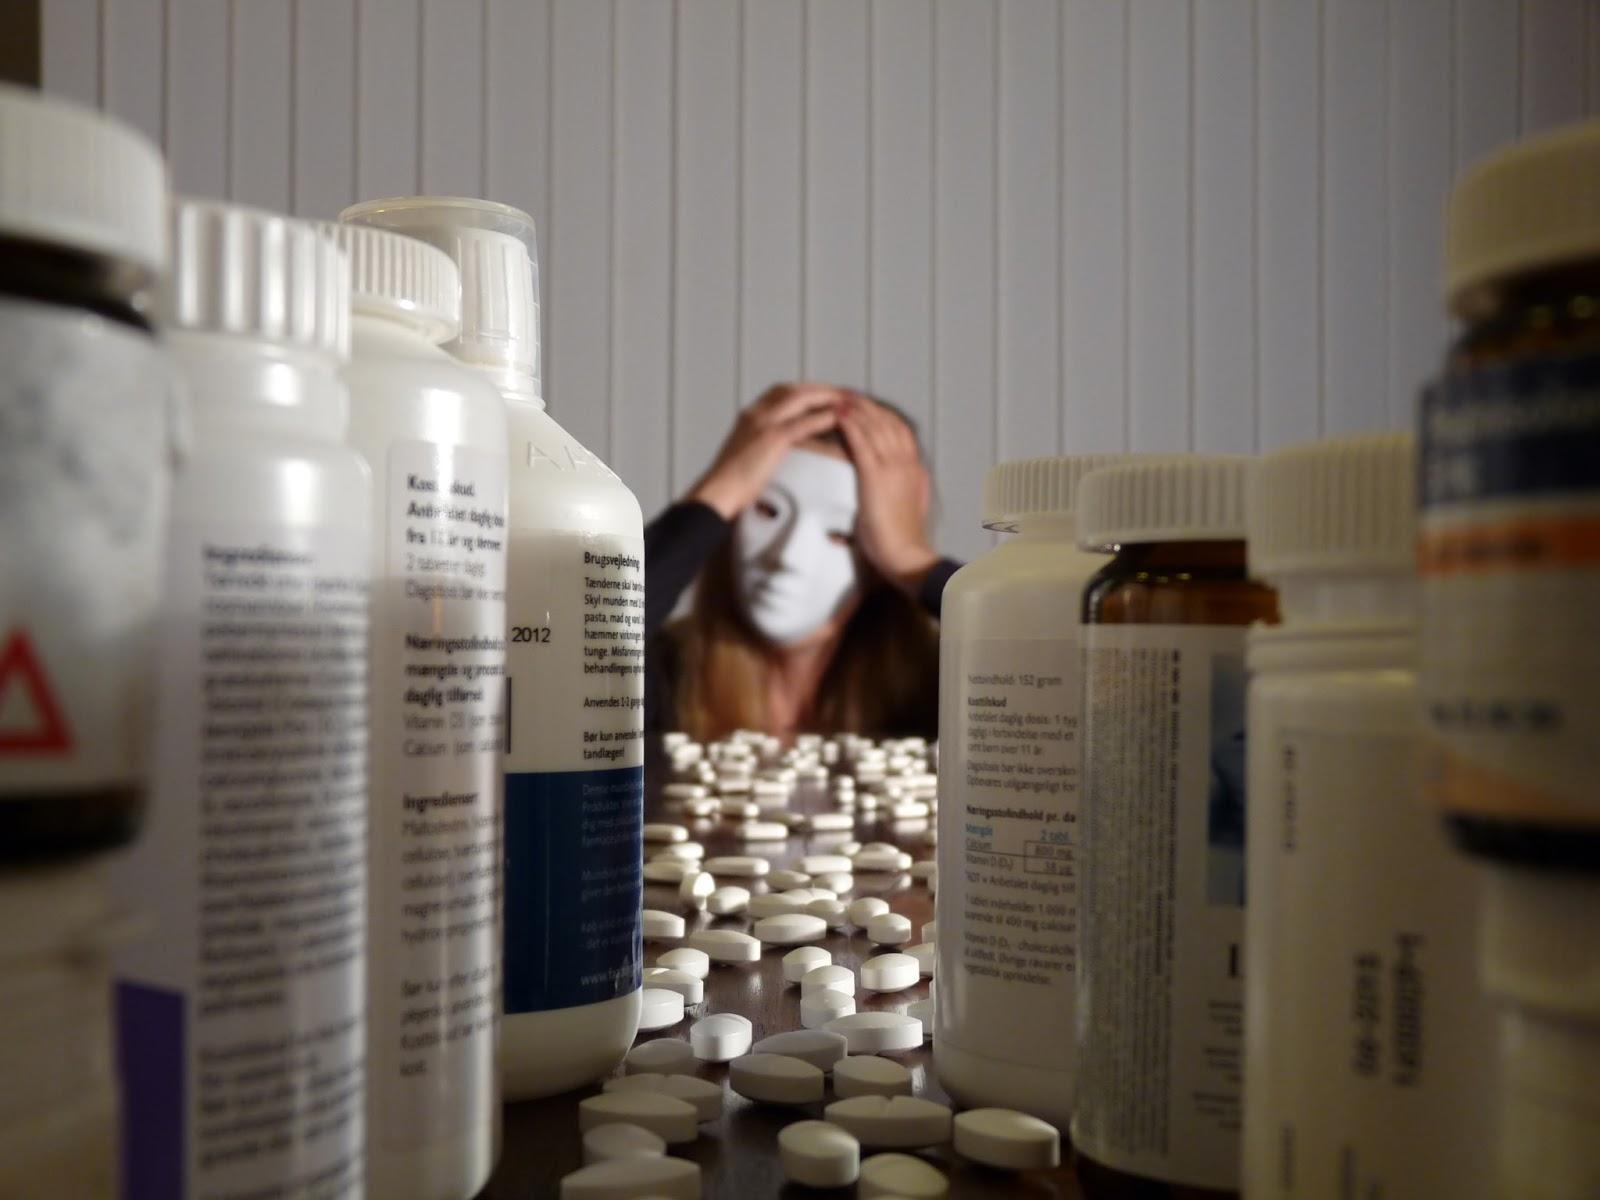 lavt stofskifte medicin bivirkninger